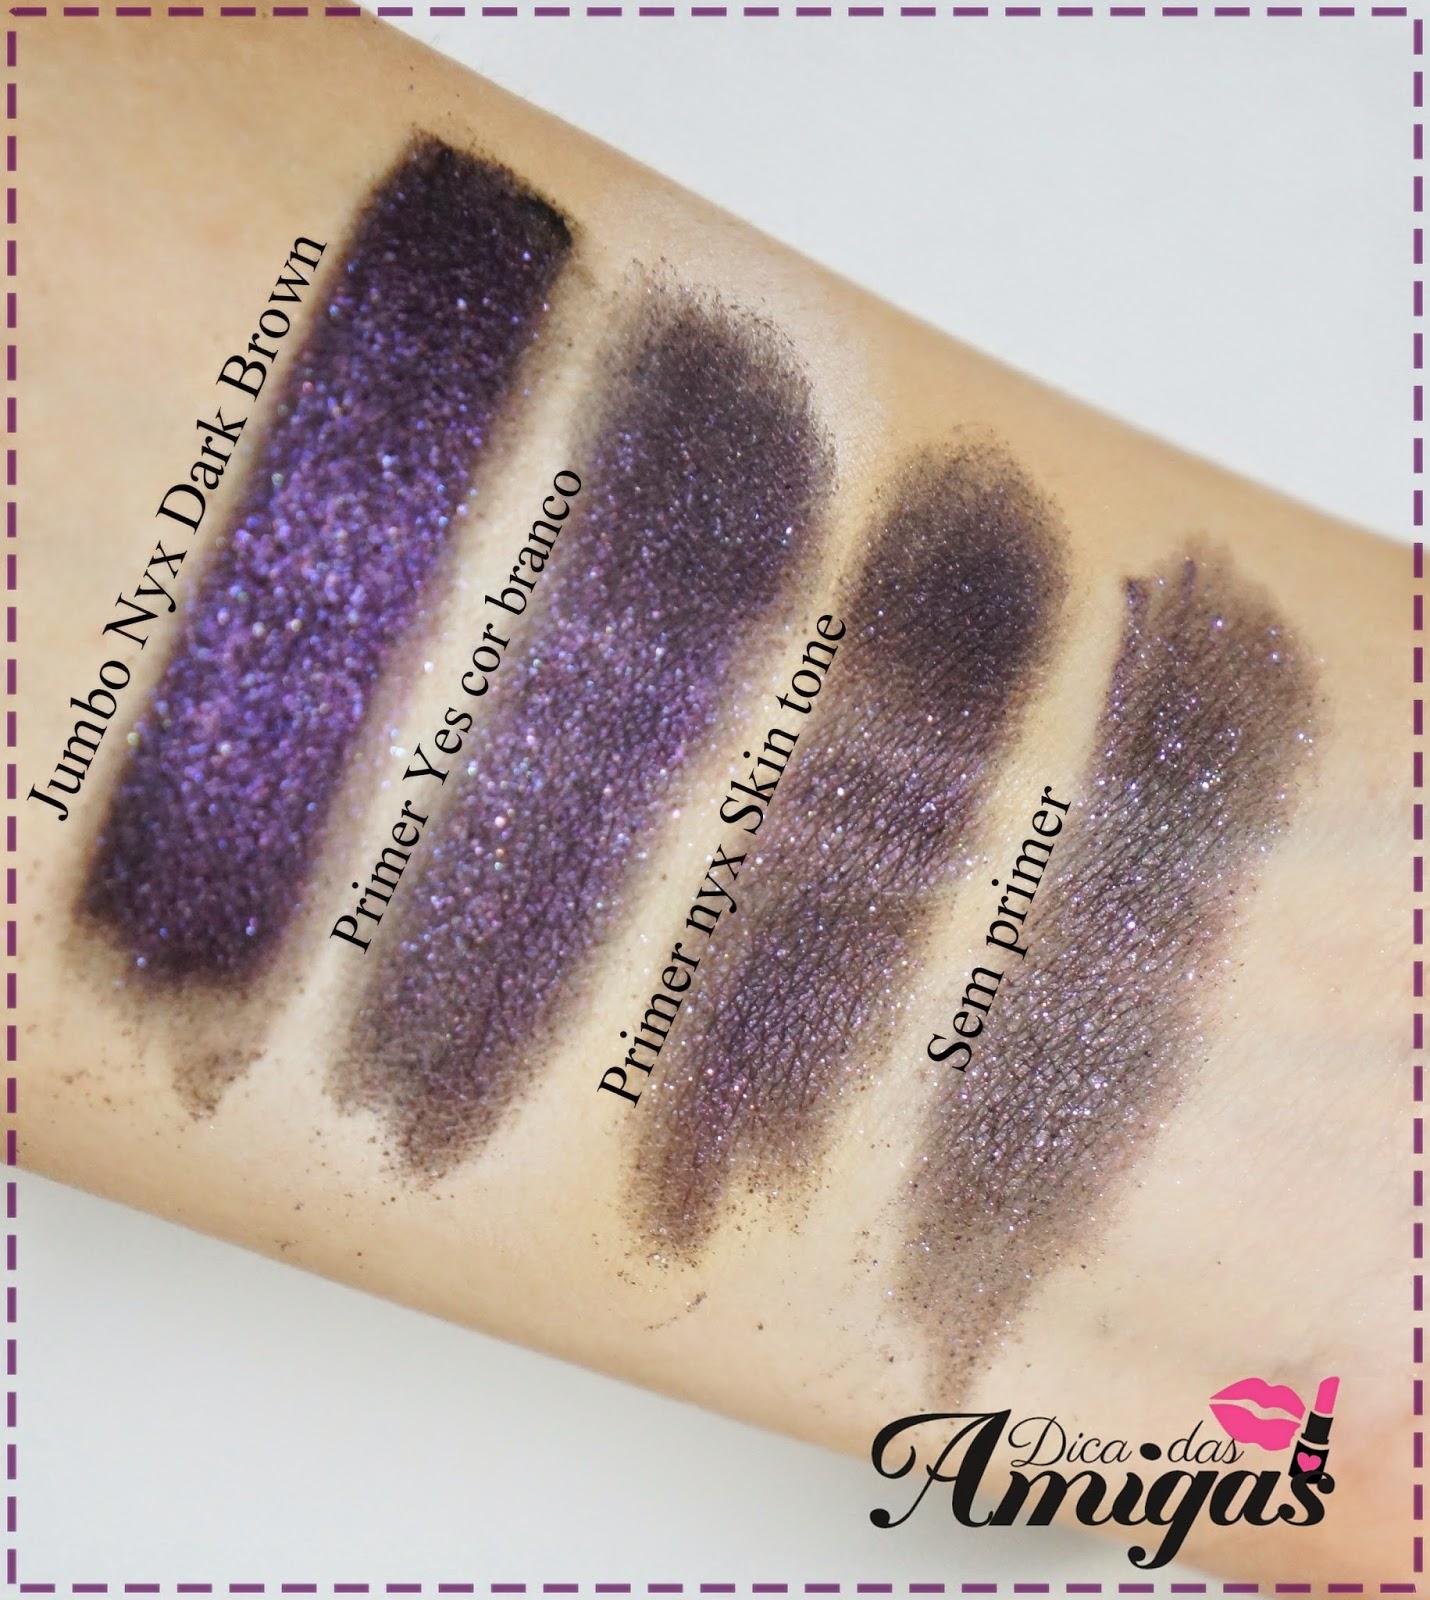 Pigmento Yes cosmetics